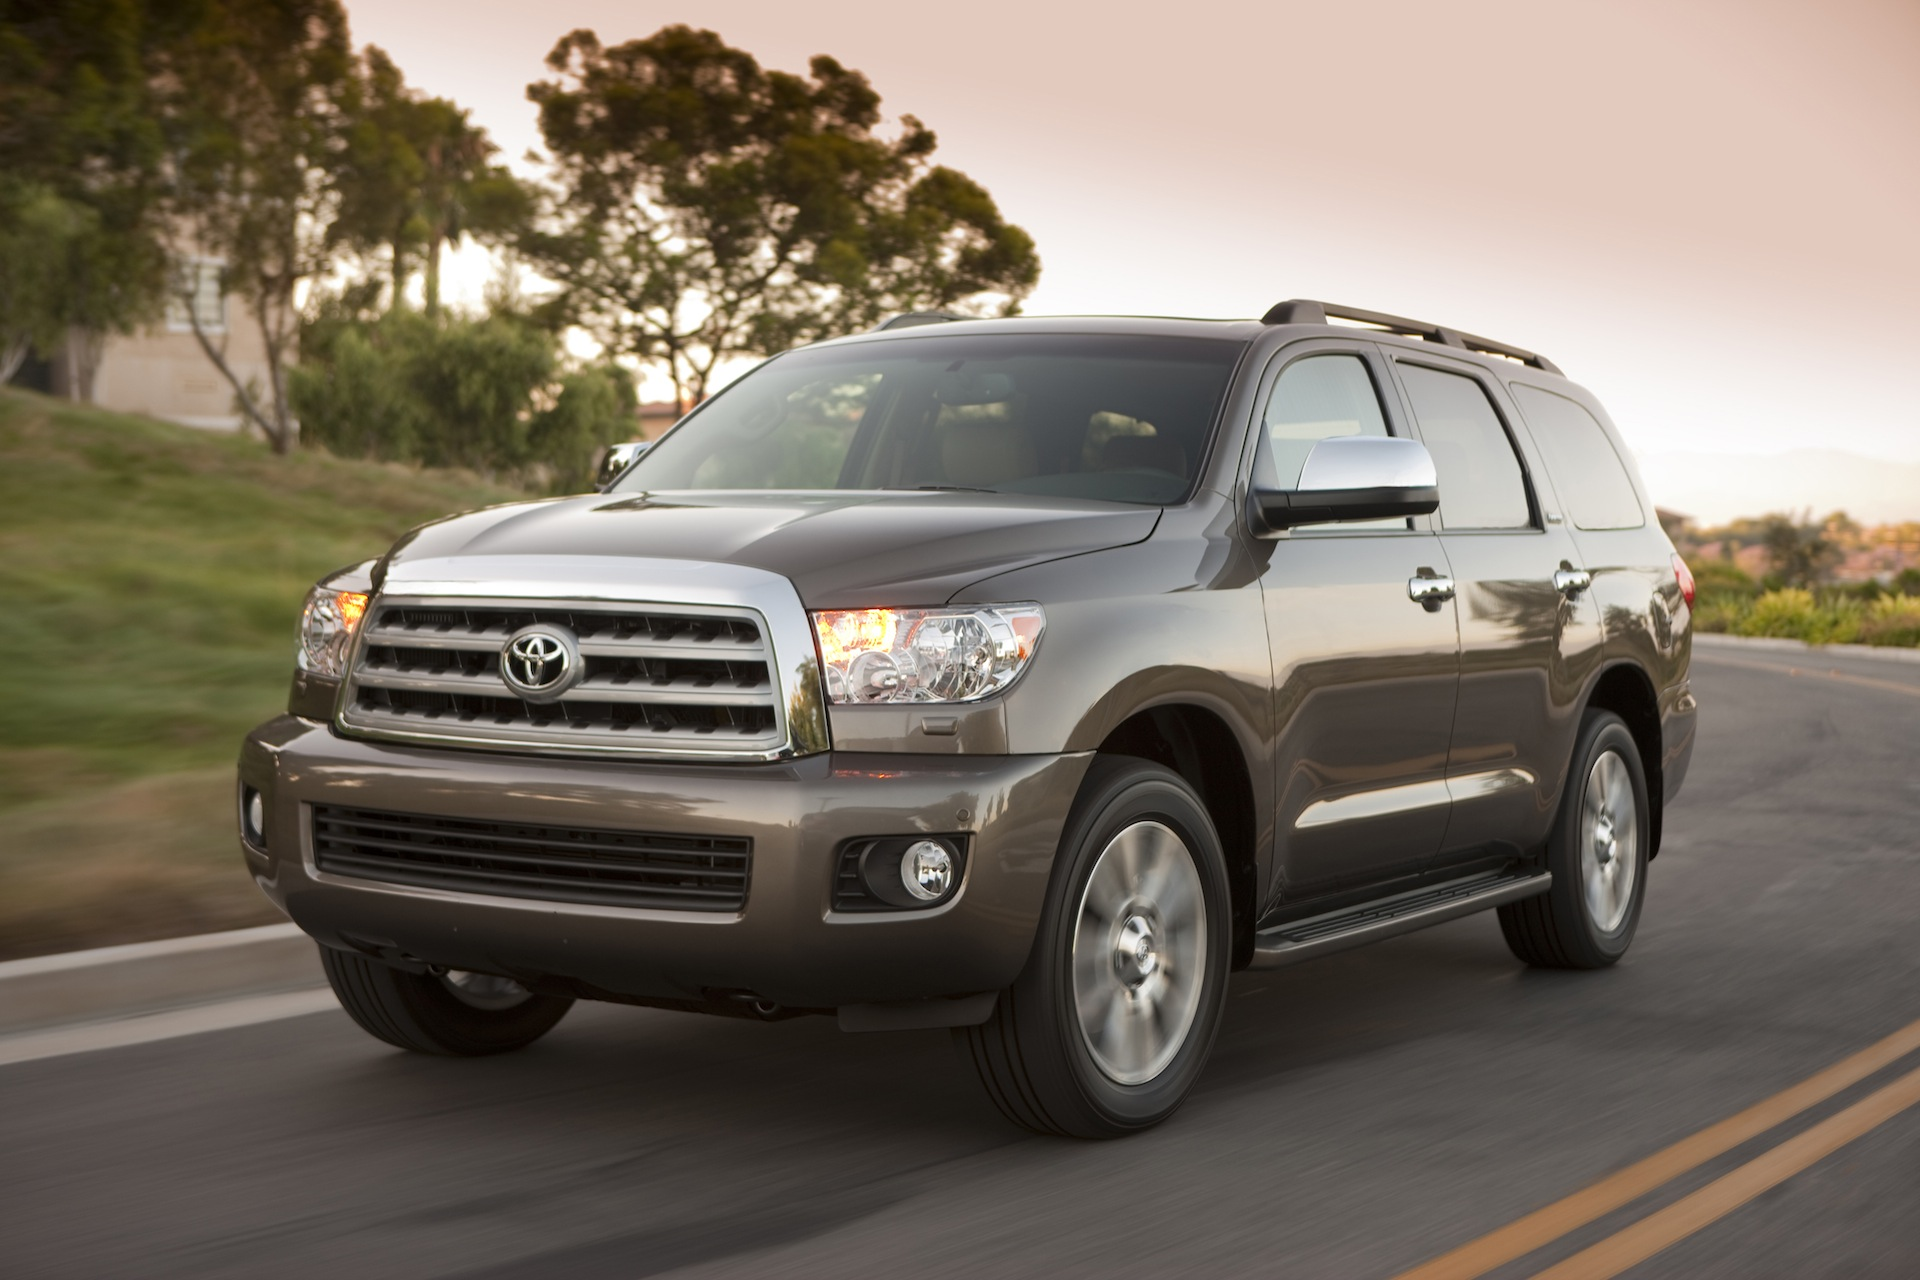 ТОП-10 самых долговечных автомобилей возглавила Toyota Sequoia